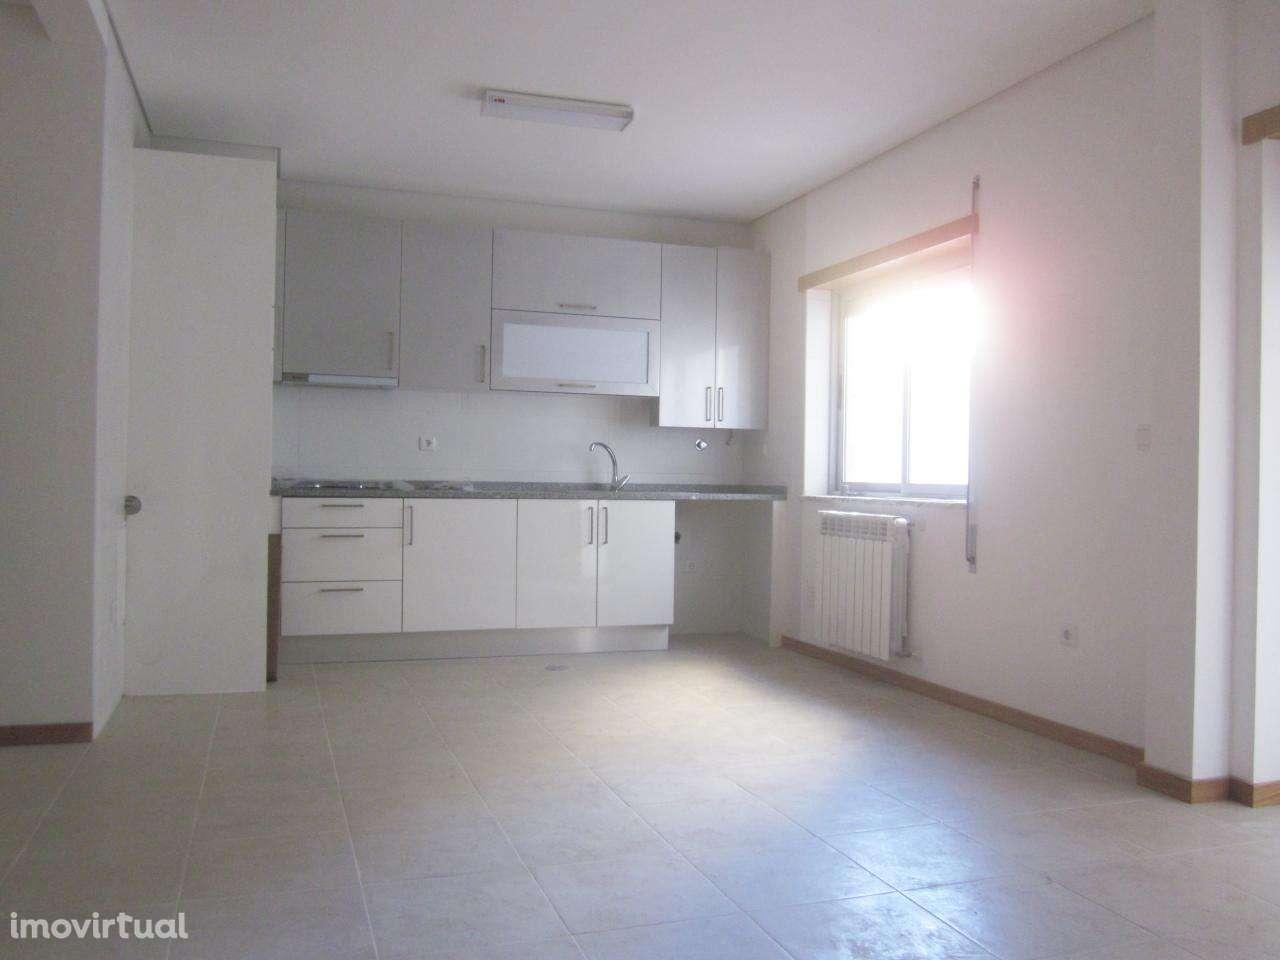 Apartamento para arrendar, Viseu - Foto 2